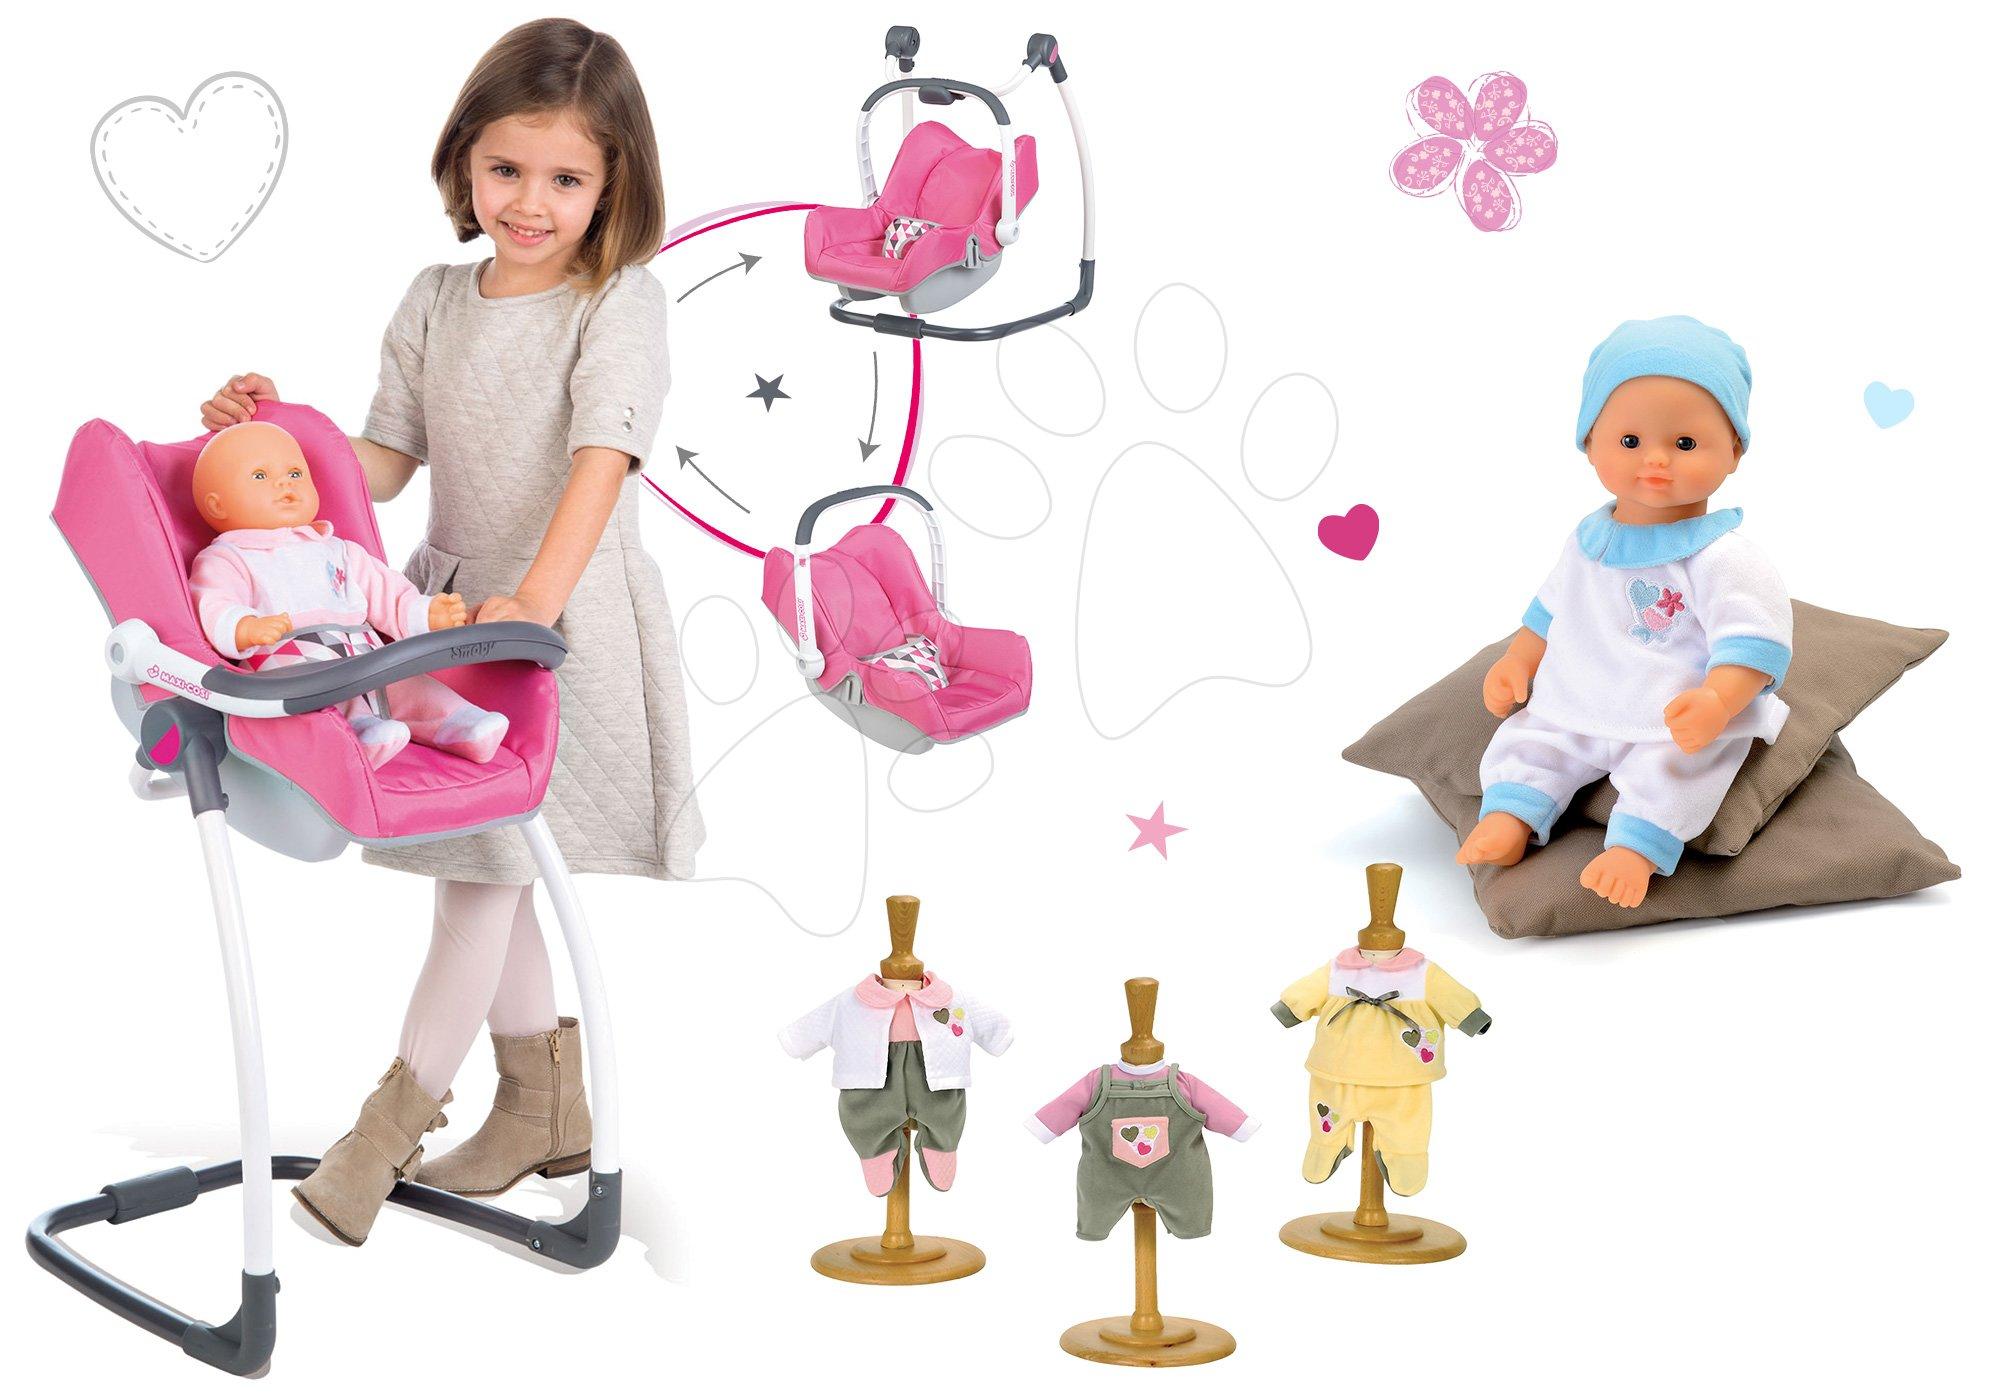 Set židle, autosedačka a houpačka Maxi Cosi&Quinny 3v1 Smoby pro panenku a panenka Baby Nurse 32 cm, 3 šaty